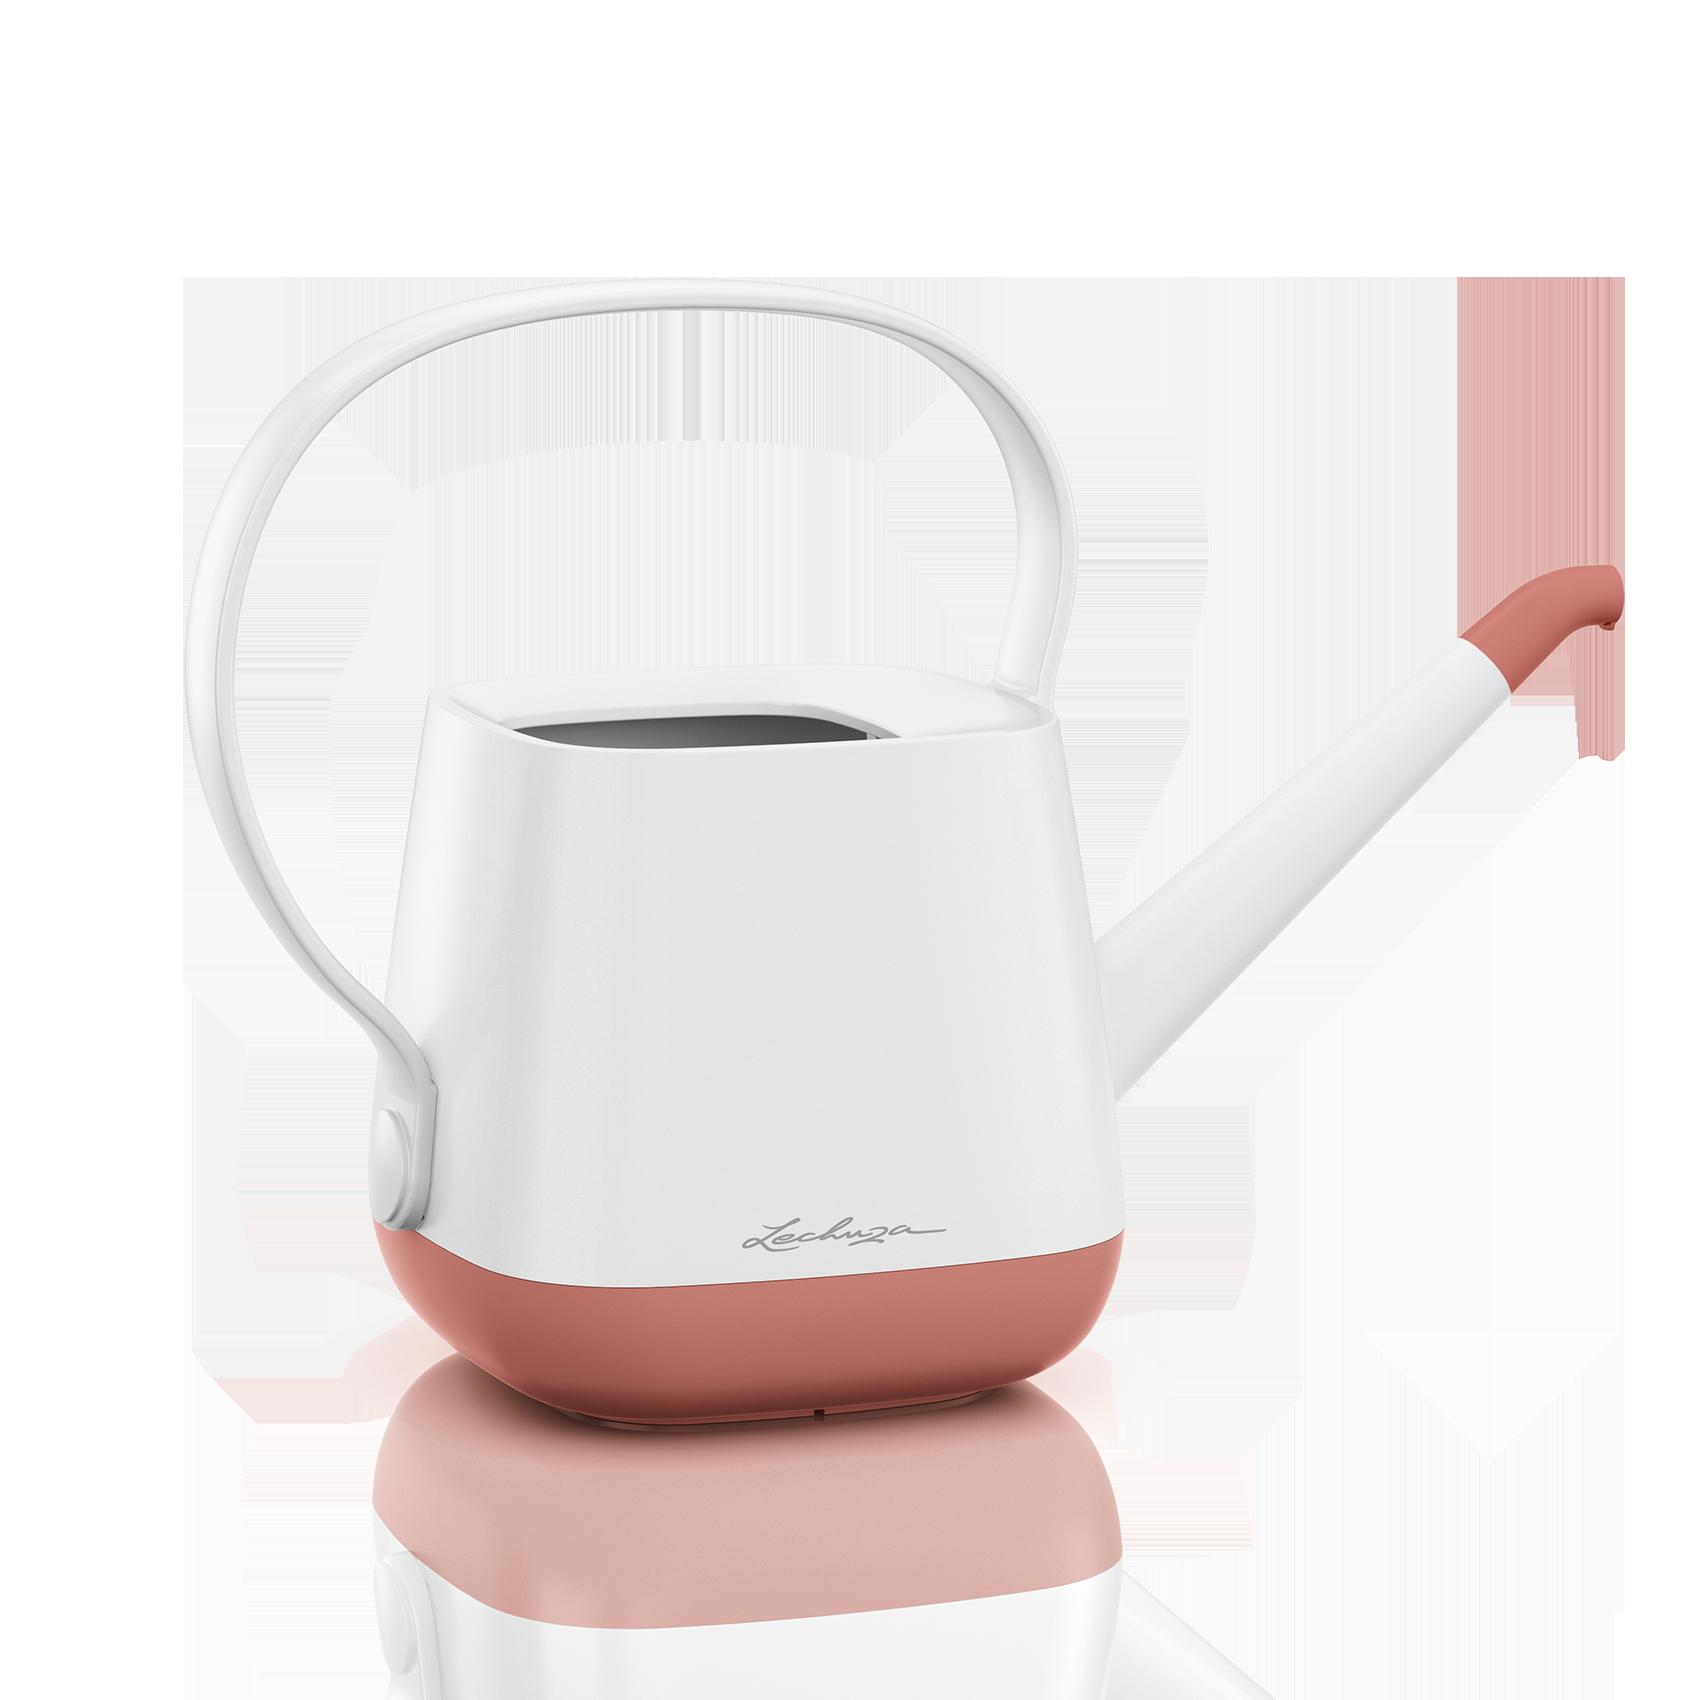 YULA Gießkanne weiß/pearl rose seidenmatt